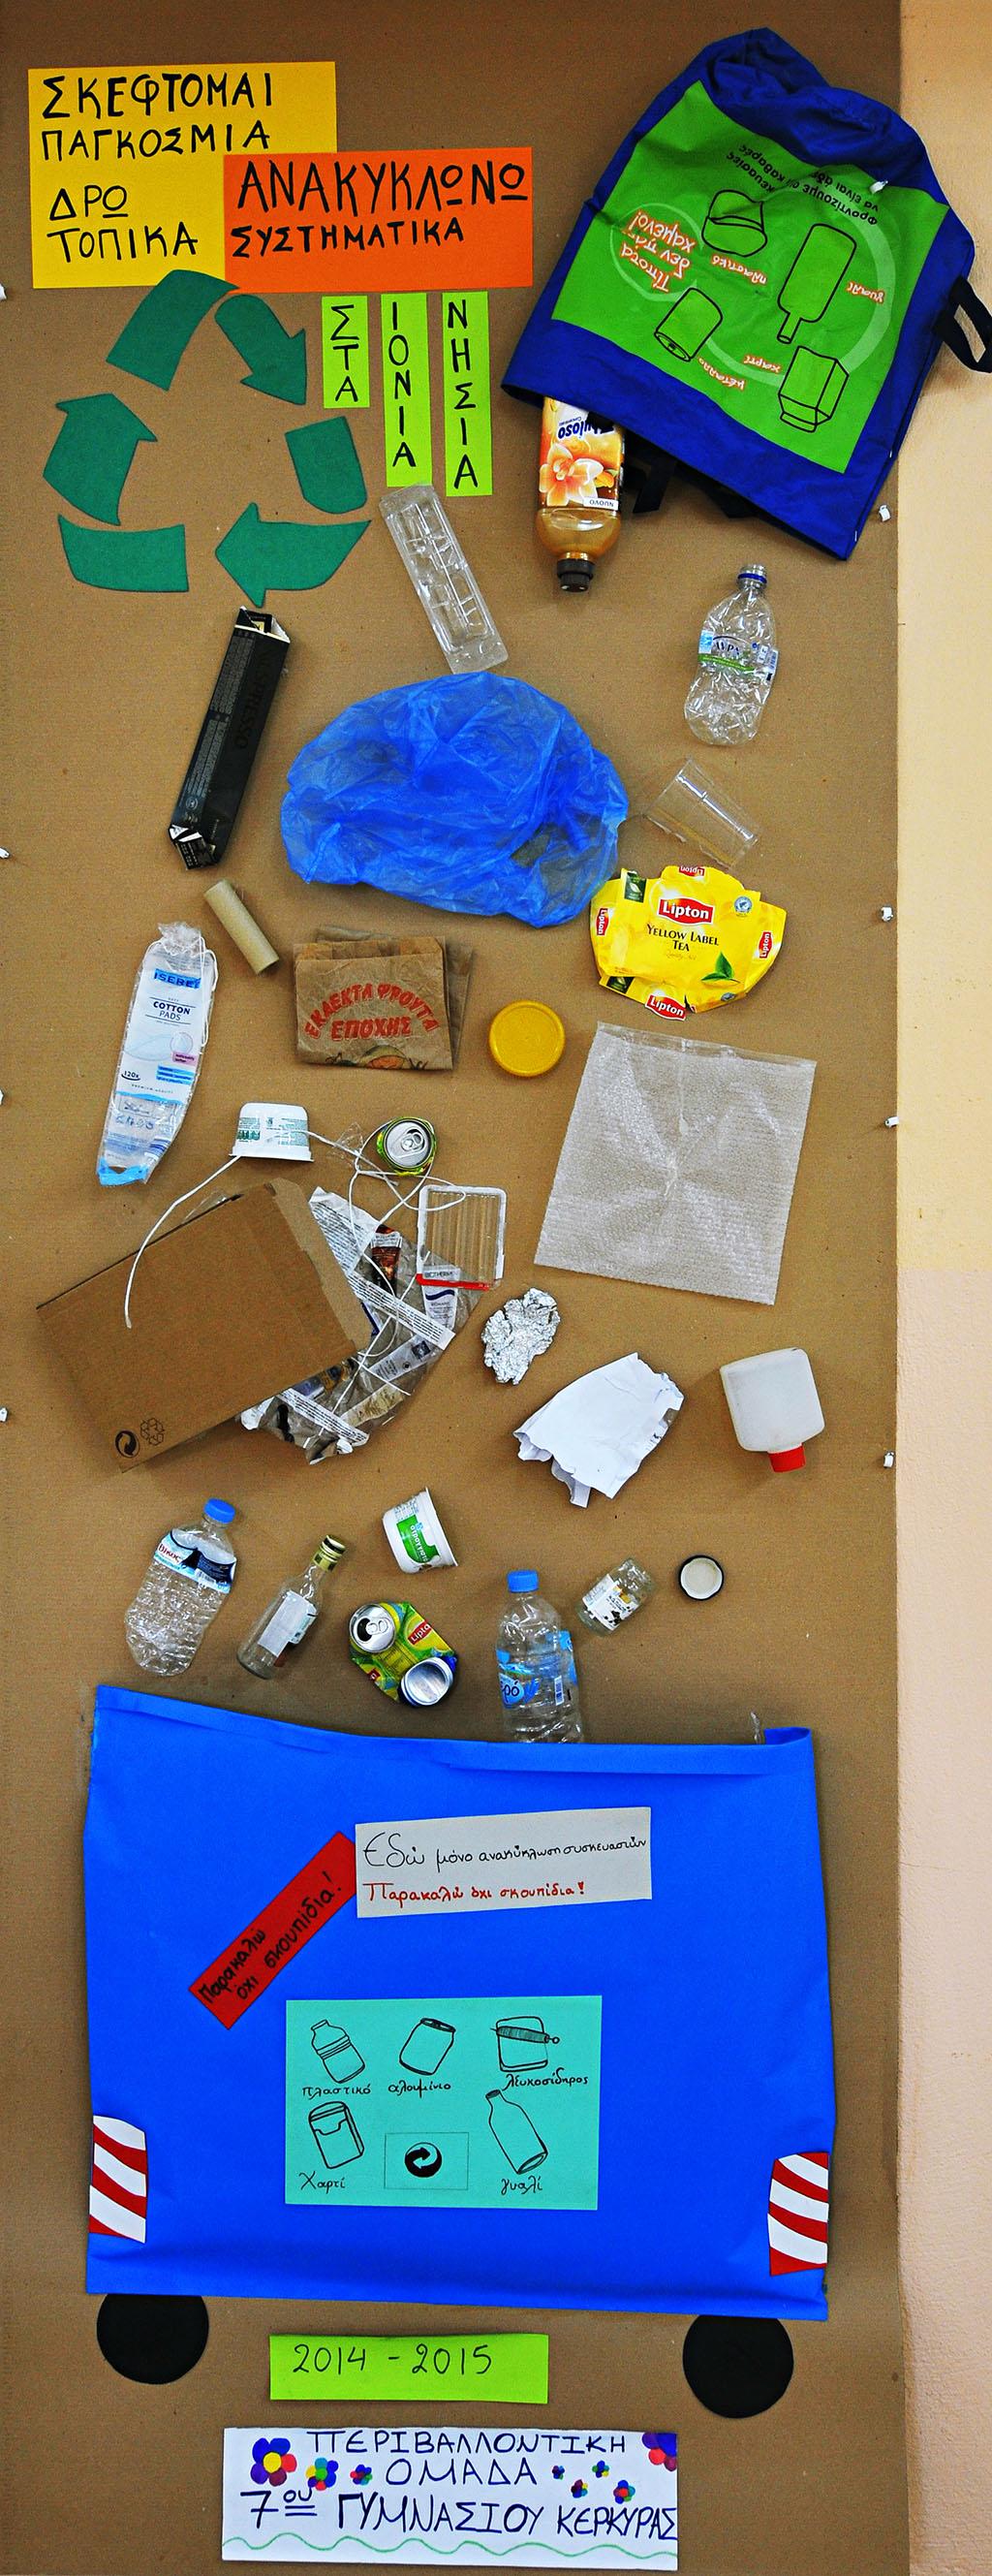 Σύνθεση για την ανακύκλωση που δημιούργησαν οι μαθητές των περιβαλλοντικών ομάδων του σχολείου